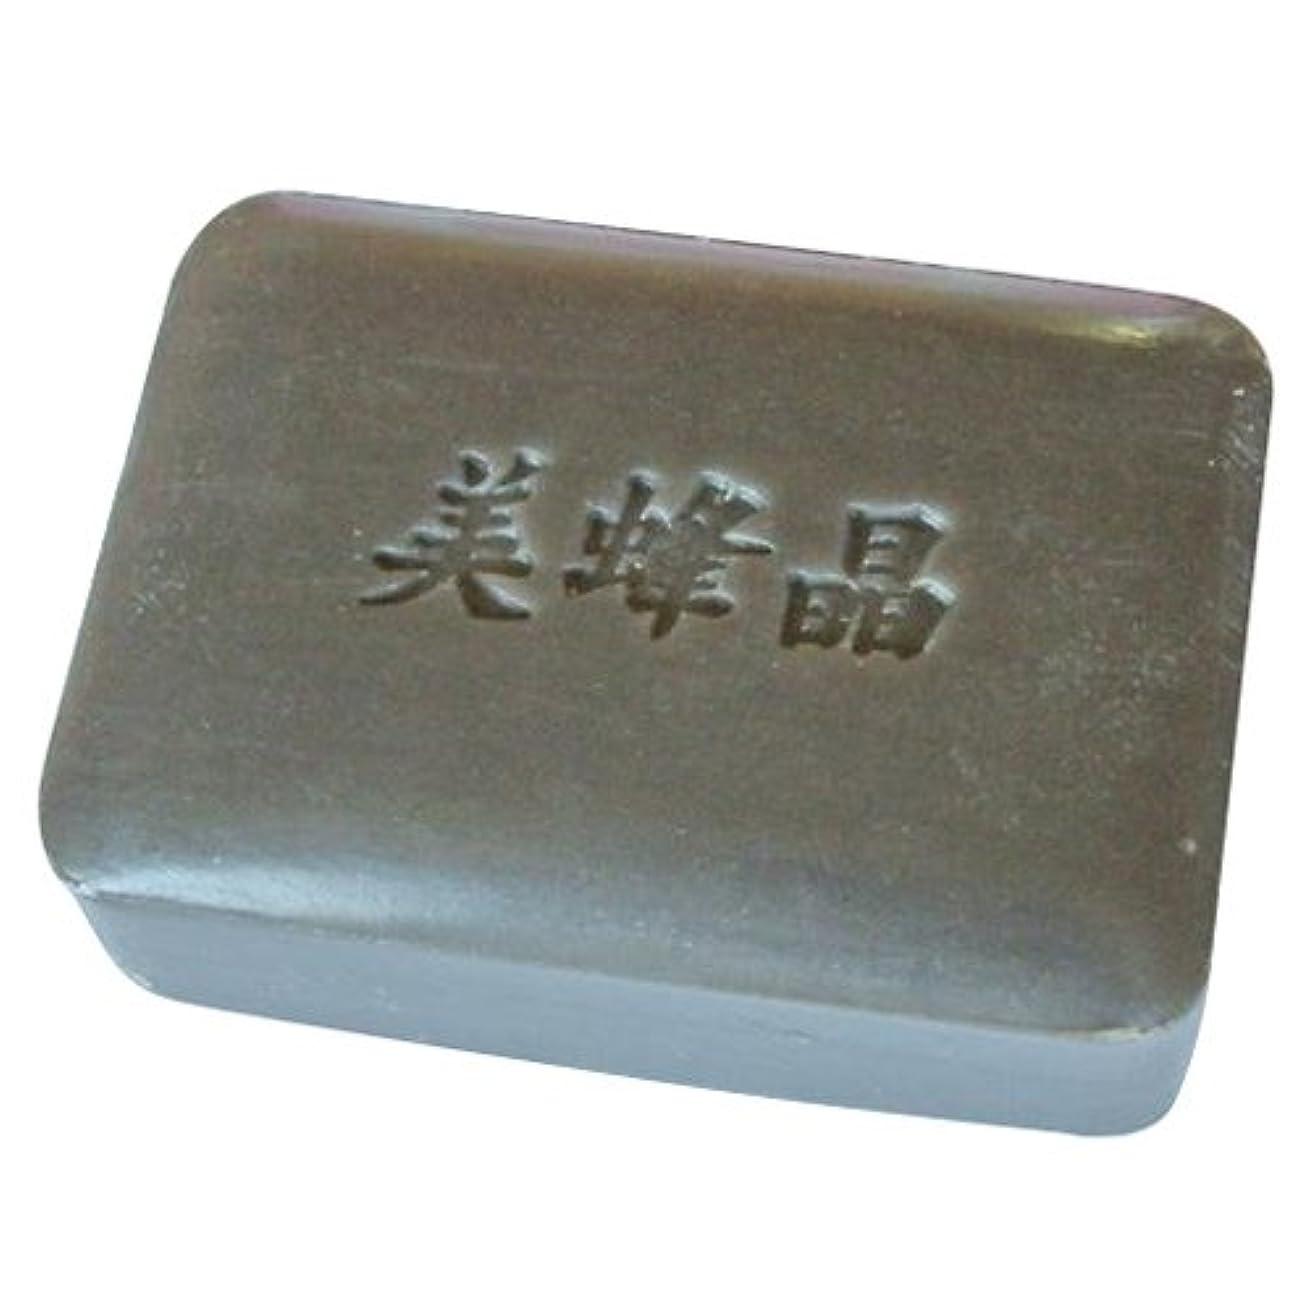 調査不可能な創始者鈴木養蜂場 プロポリス石鹸 美蜂晶100g 2個セット